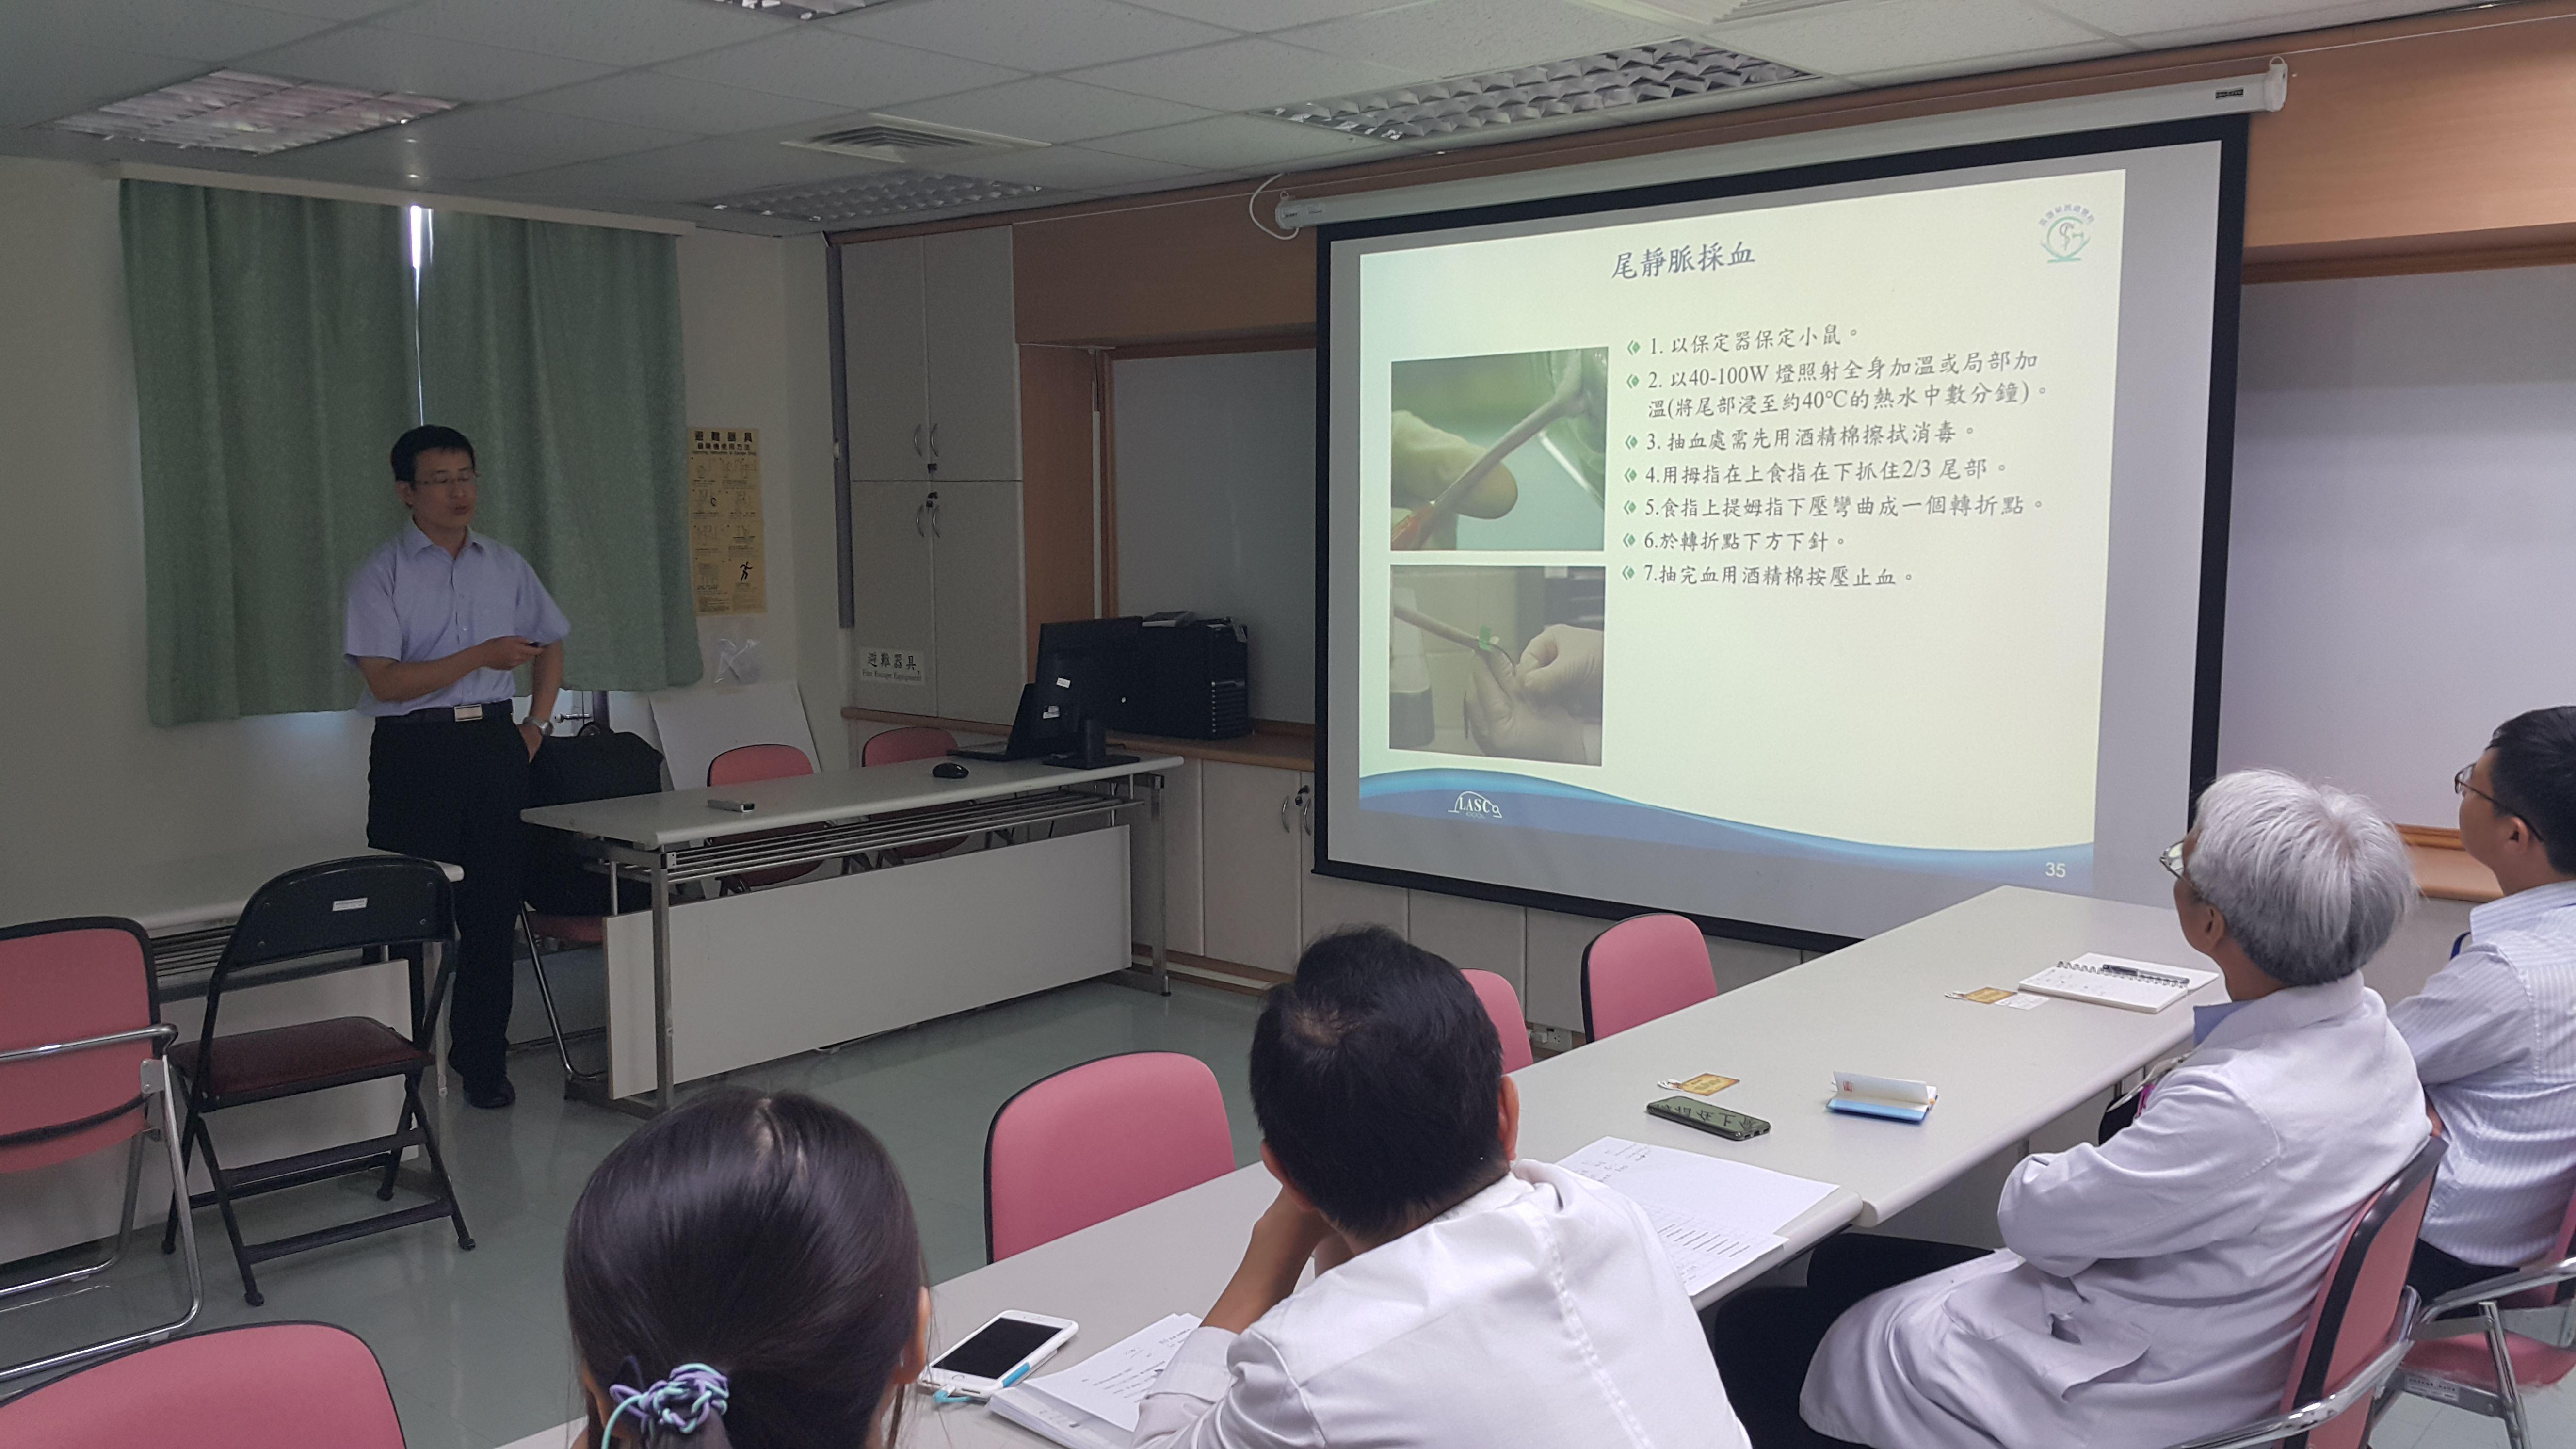 實驗動物採血課程(圖片)